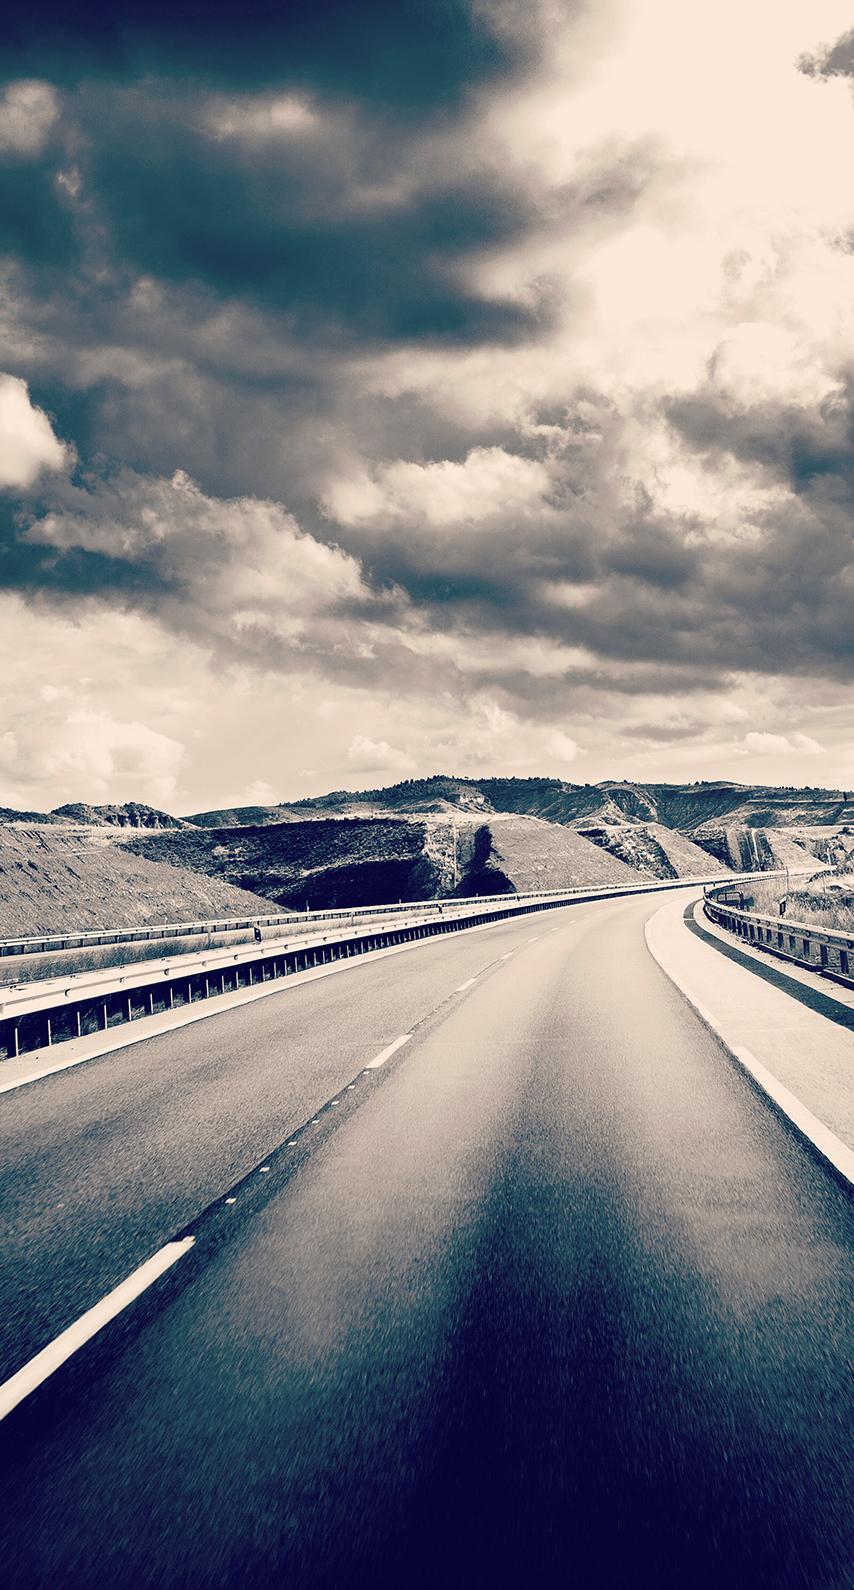 sky, road